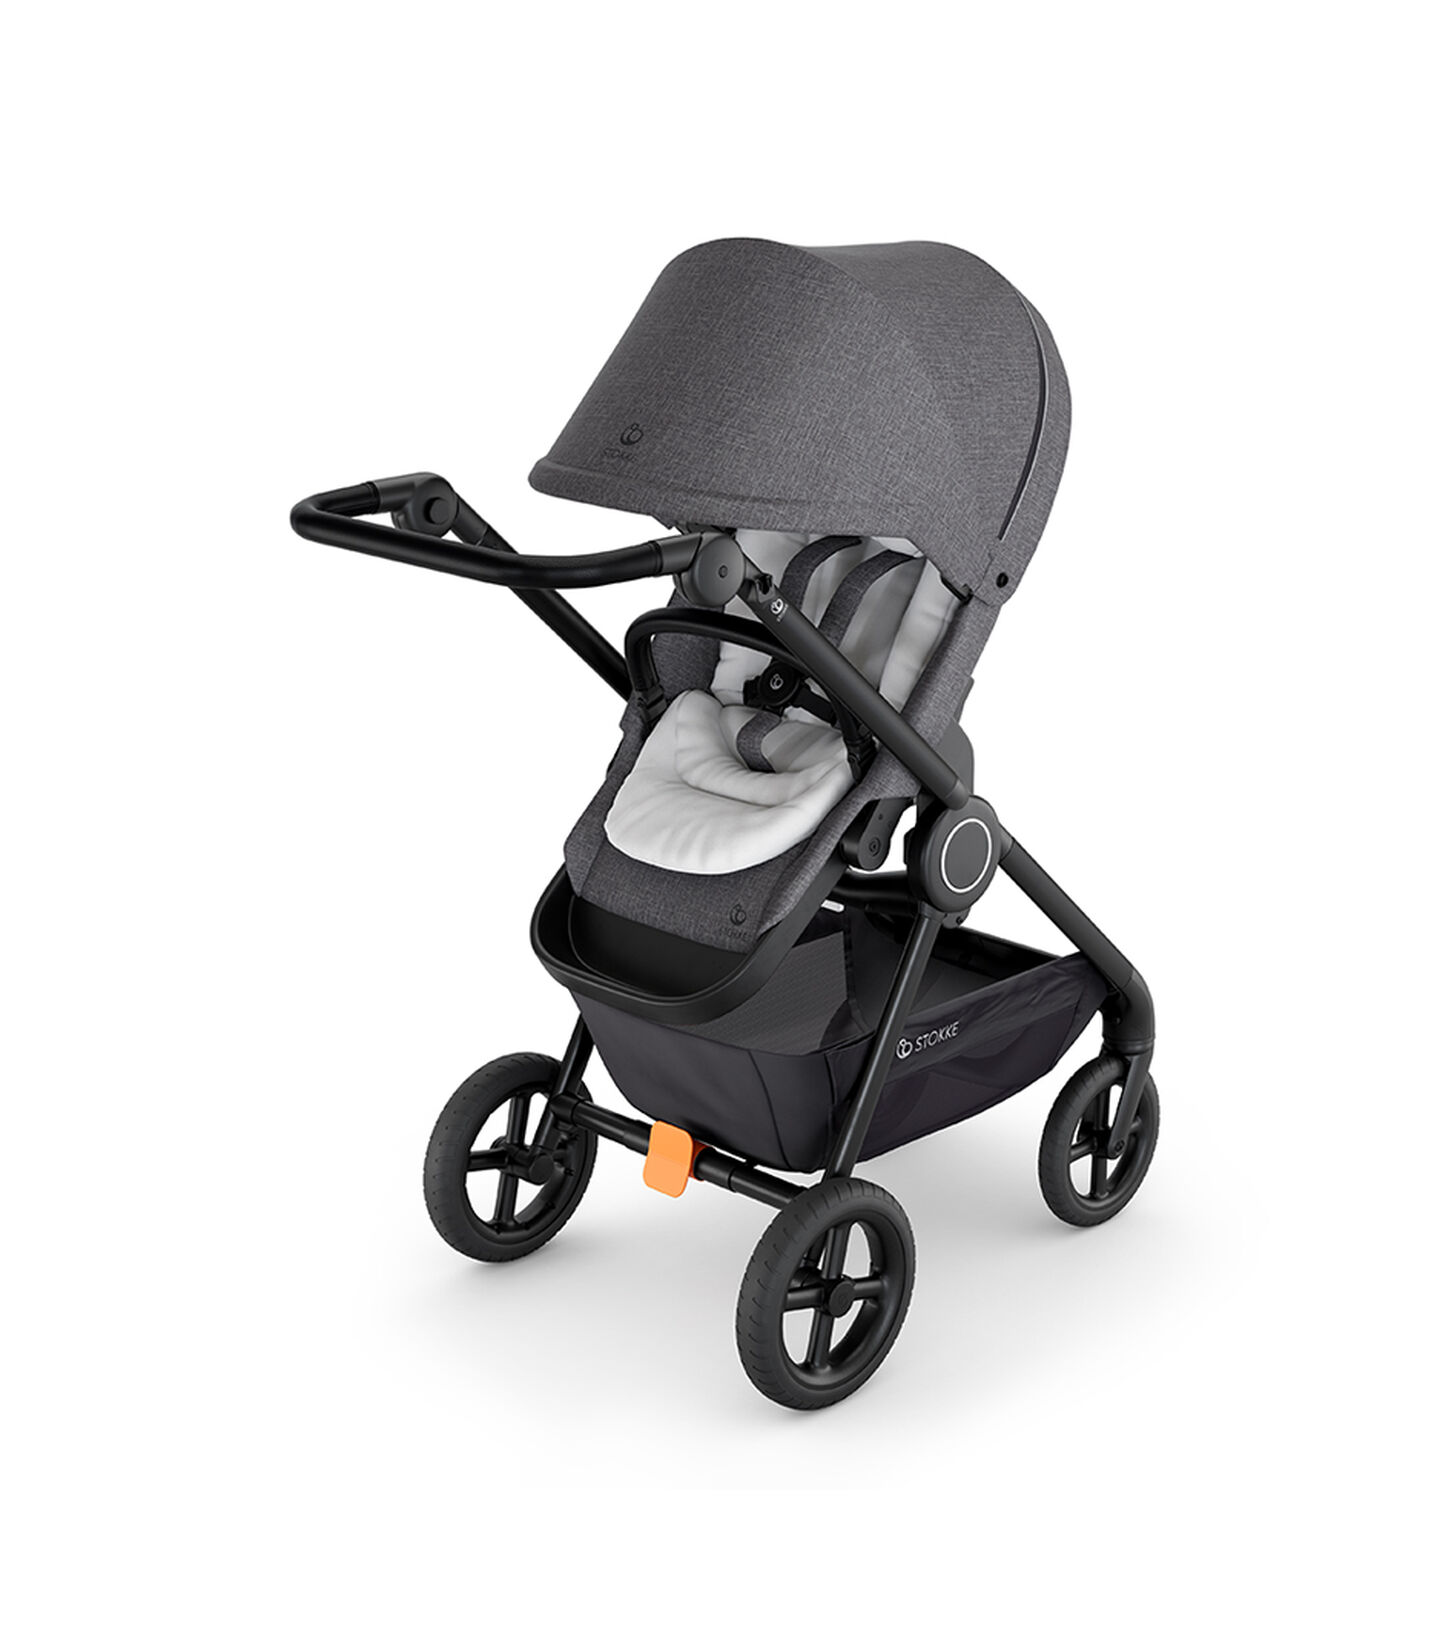 Stokke® Sitzverkleinerer für Kinderwagen, , mainview view 2